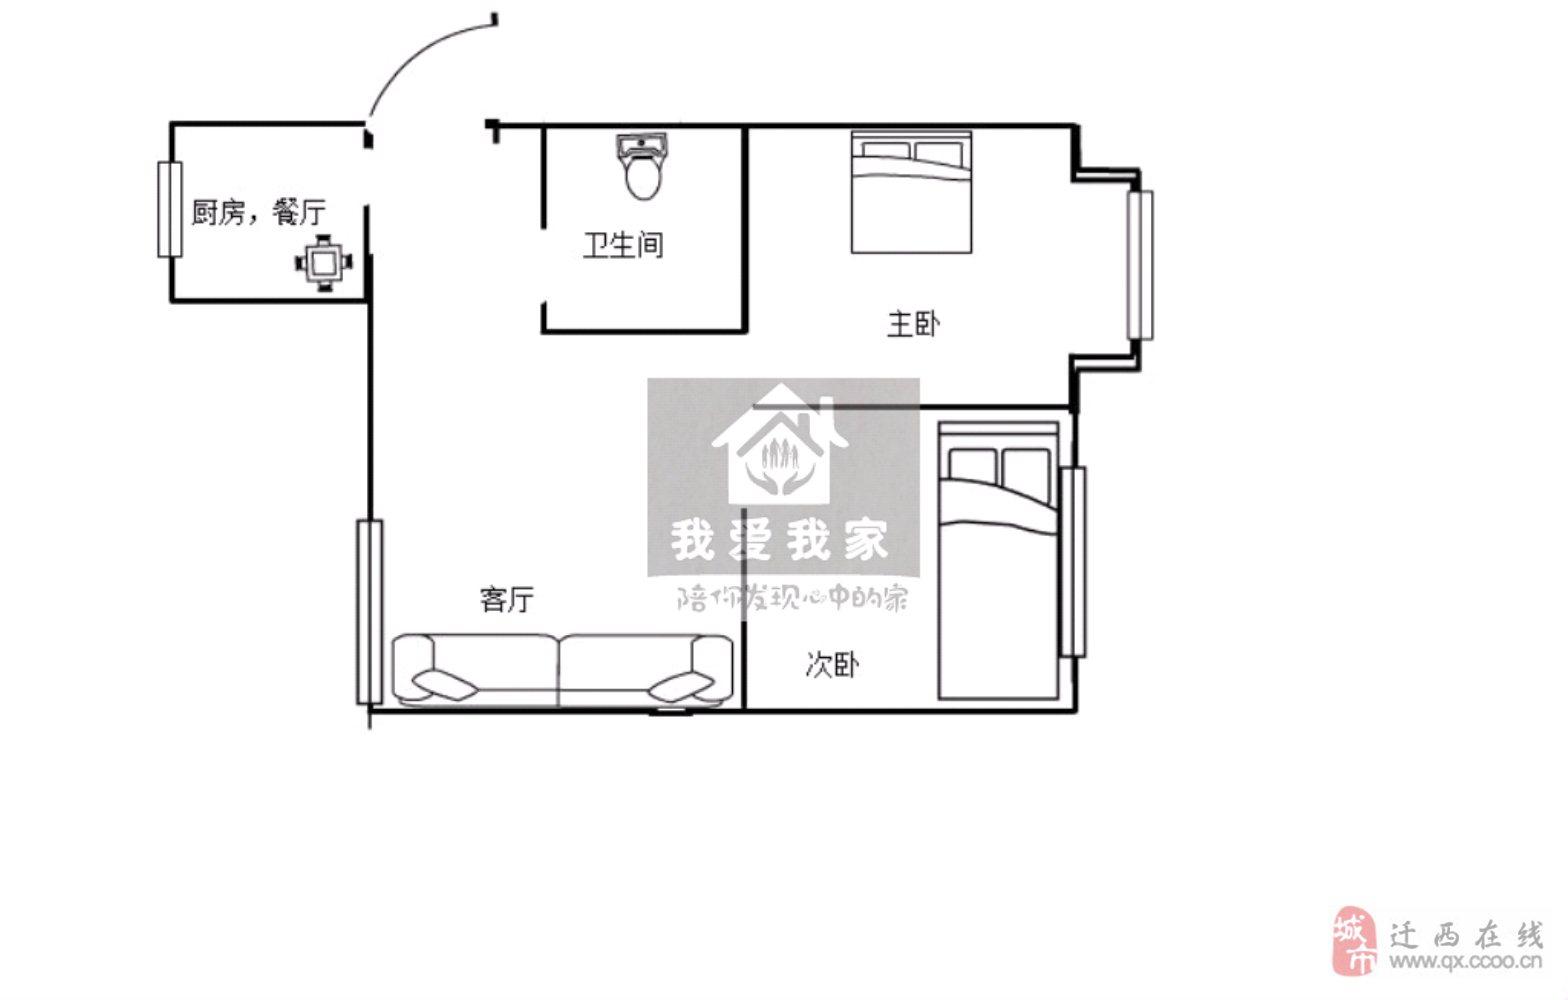 丰泽家园2室2厅1卫带地下室户型好46万元